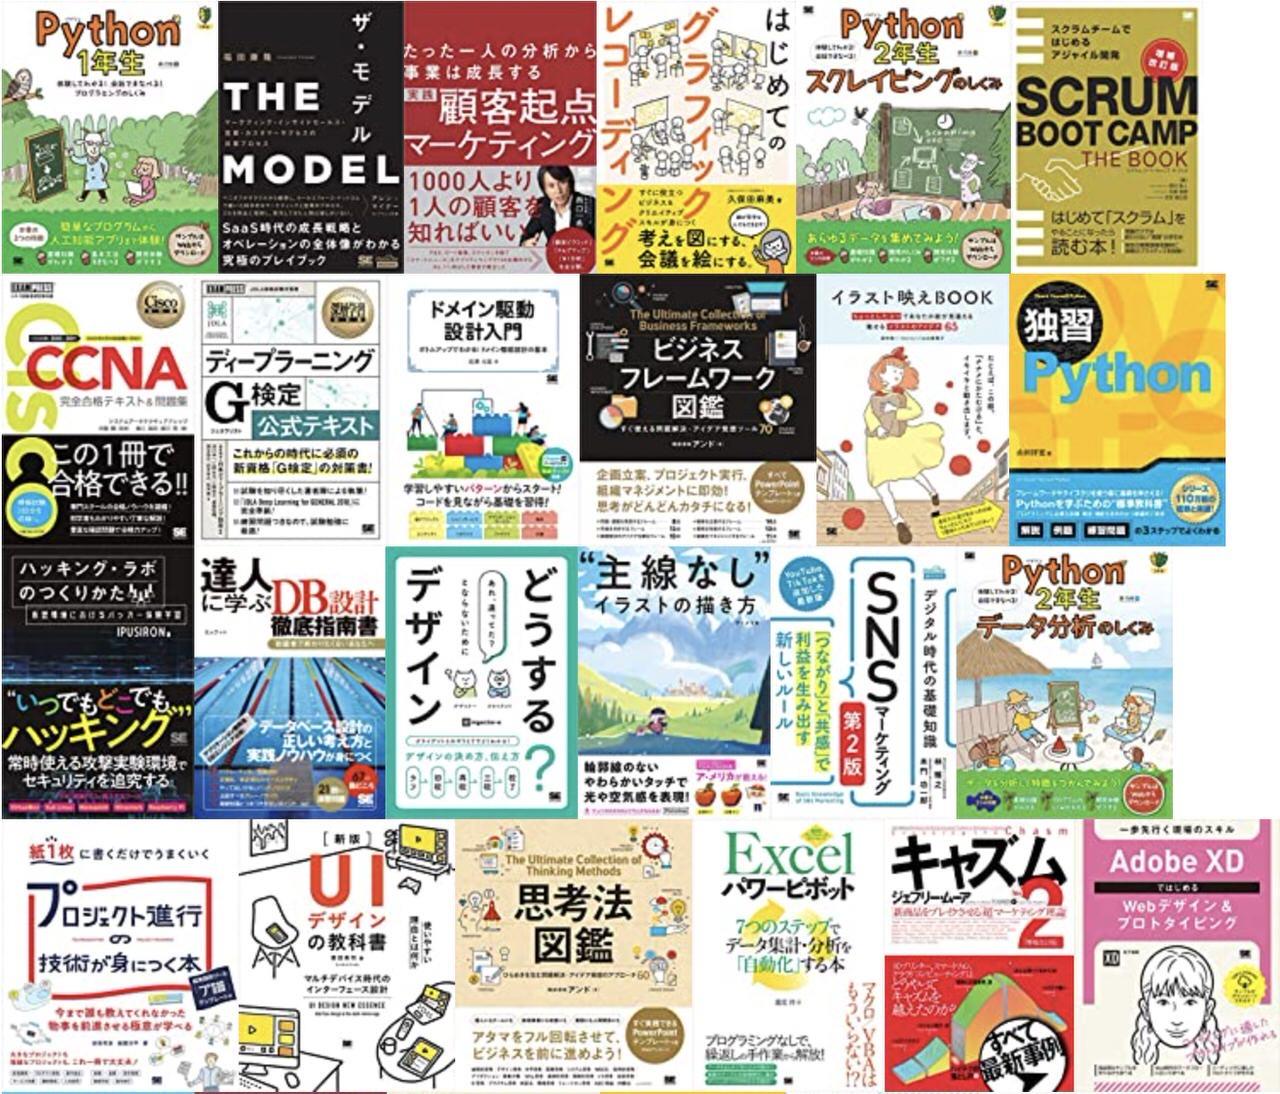 【Kindleセール】Python 1年生・はじめてのグラフィックレコーディング・SCRUM BOOT CAMPなど1,300冊が50%オフ「翔泳社祭り」開催中(2/25まで)